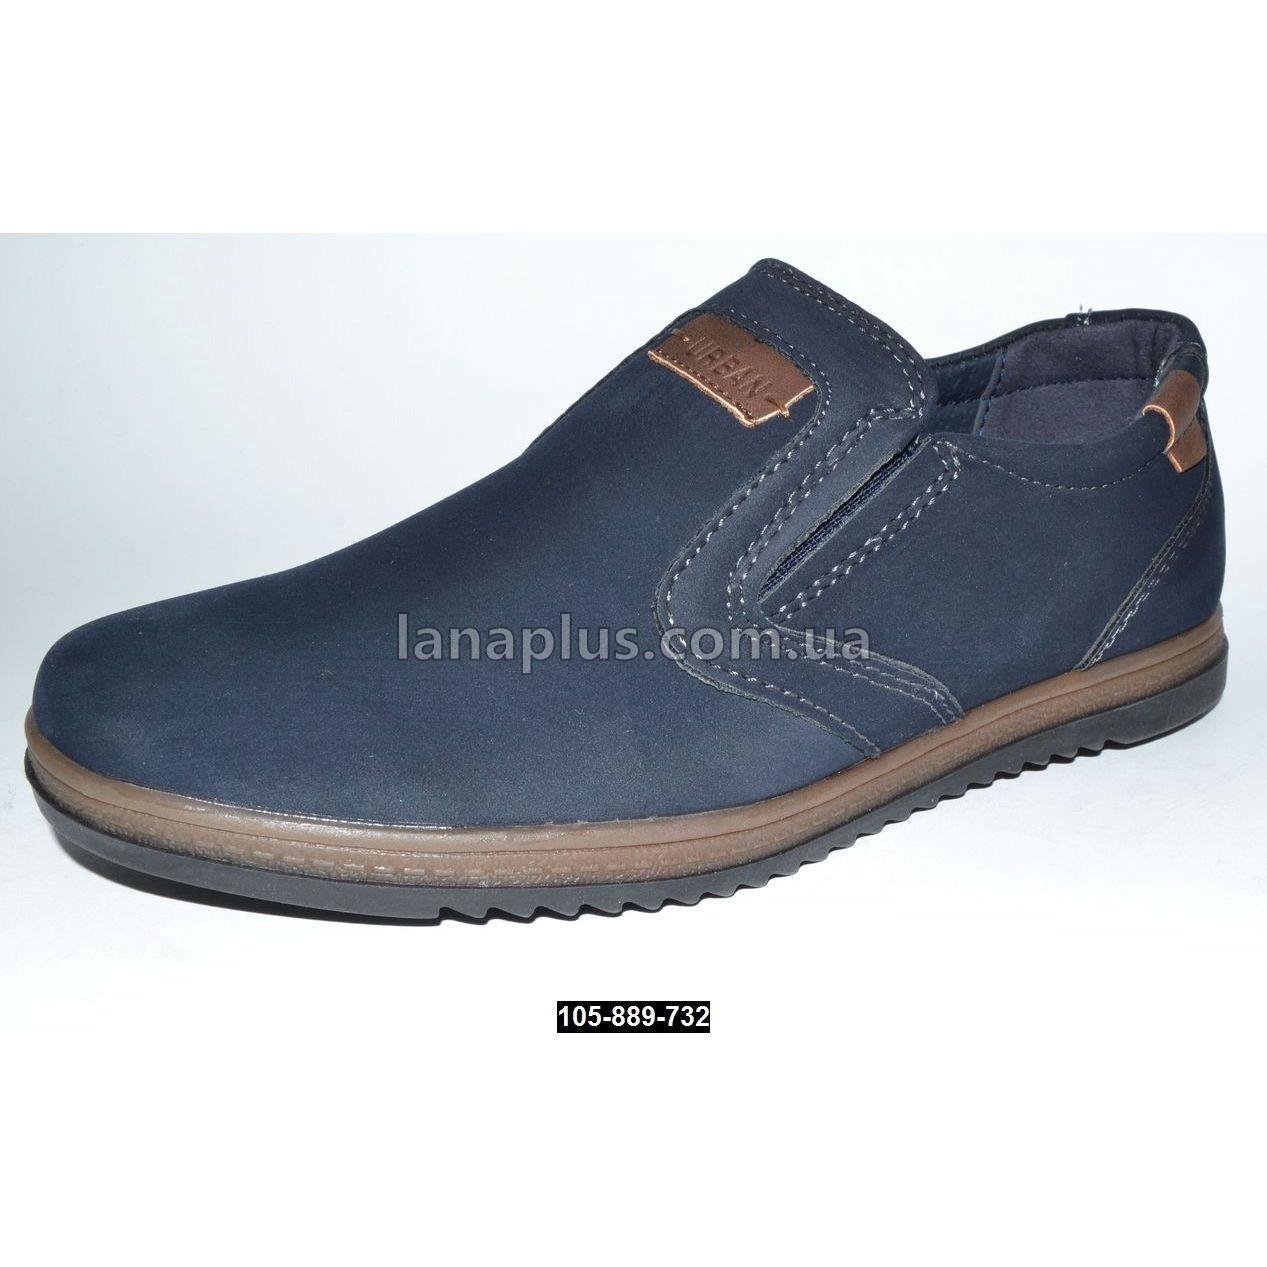 Туфли для мальчика 37 размер (23.5 см), супинатор, 105-889-732